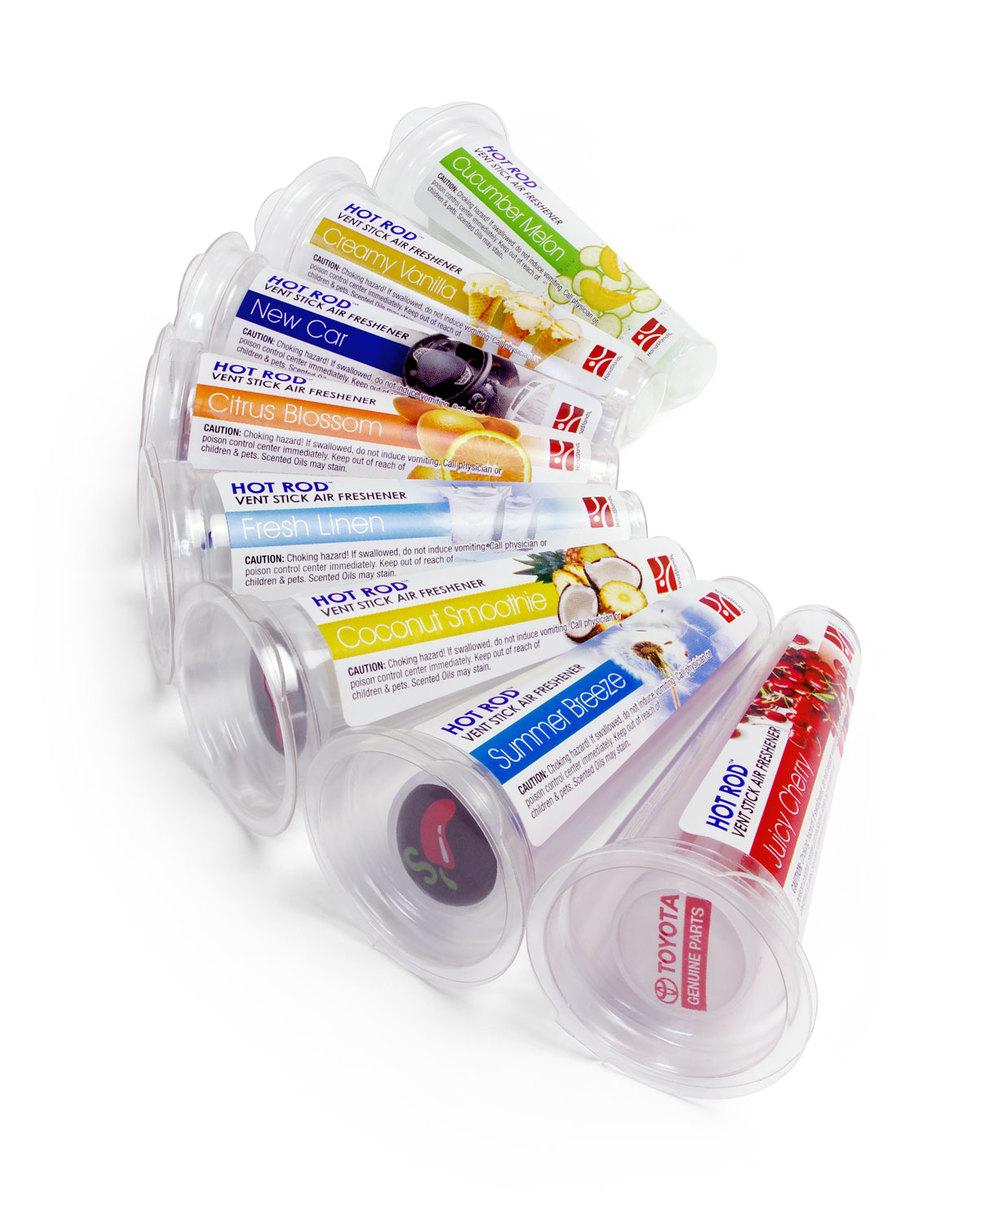 HotRod-Group-Packaging.jpg